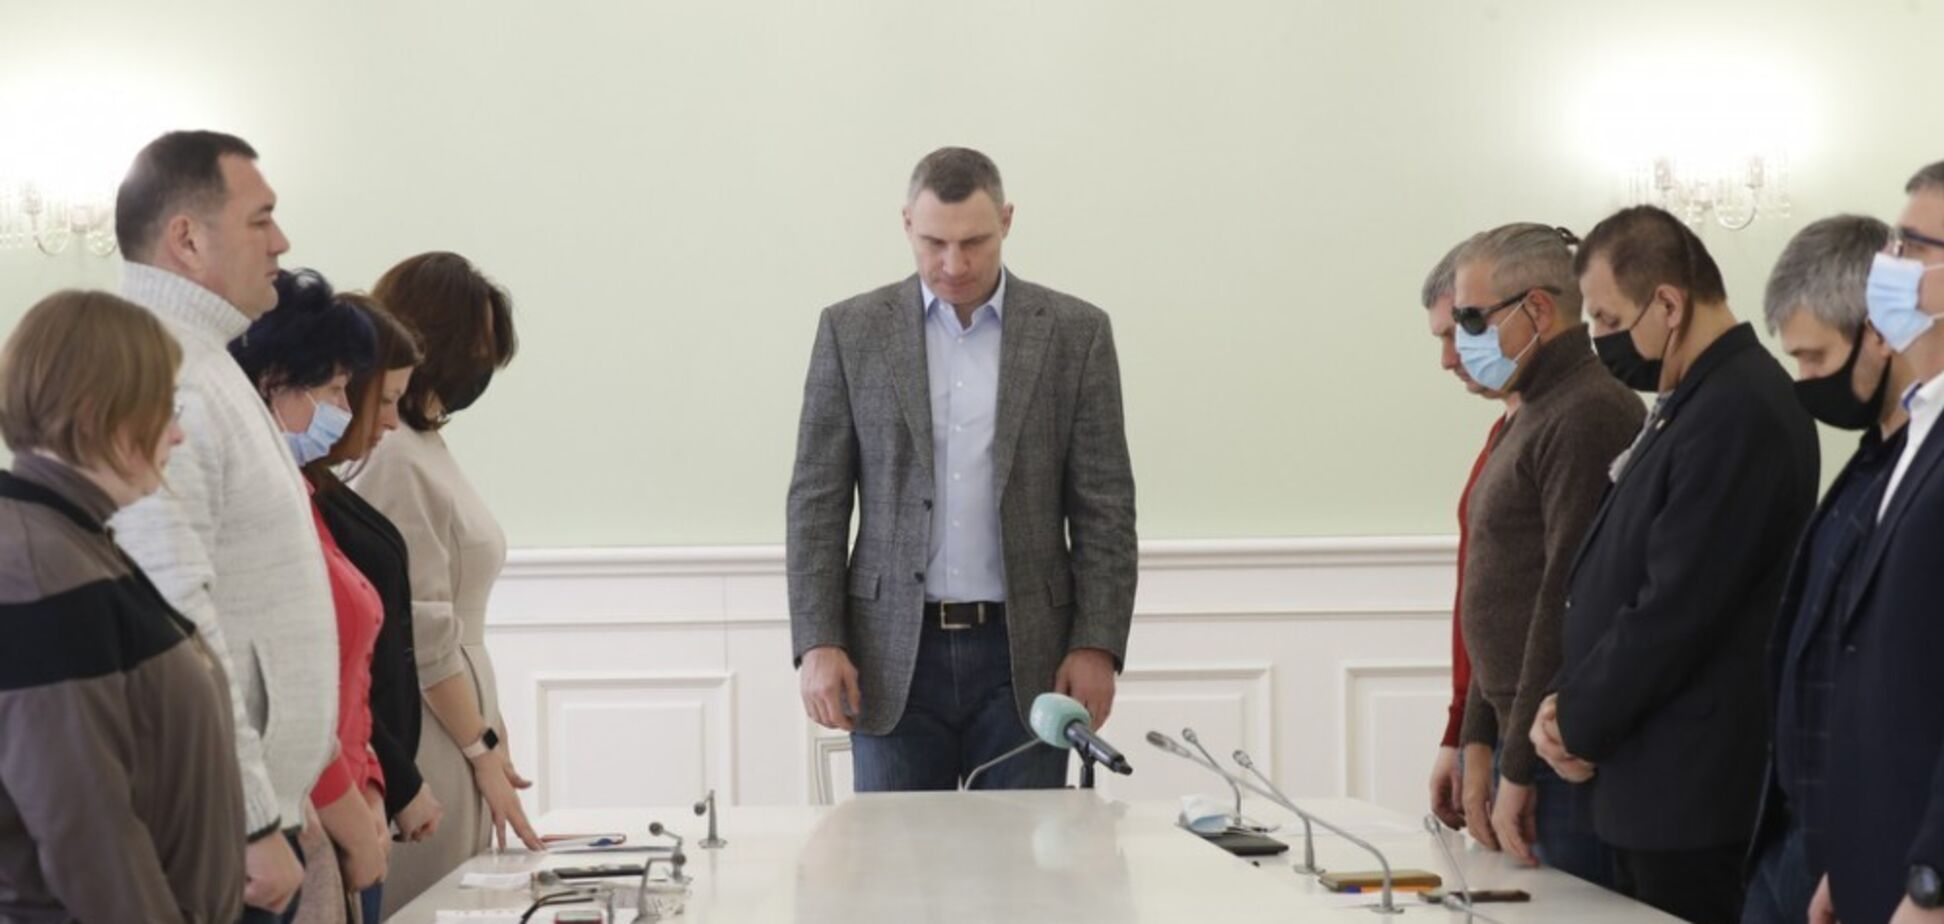 Кличко зустрівся з родинами Героїв Небесної Сотні та пообіцяв їм допомогу. Фото